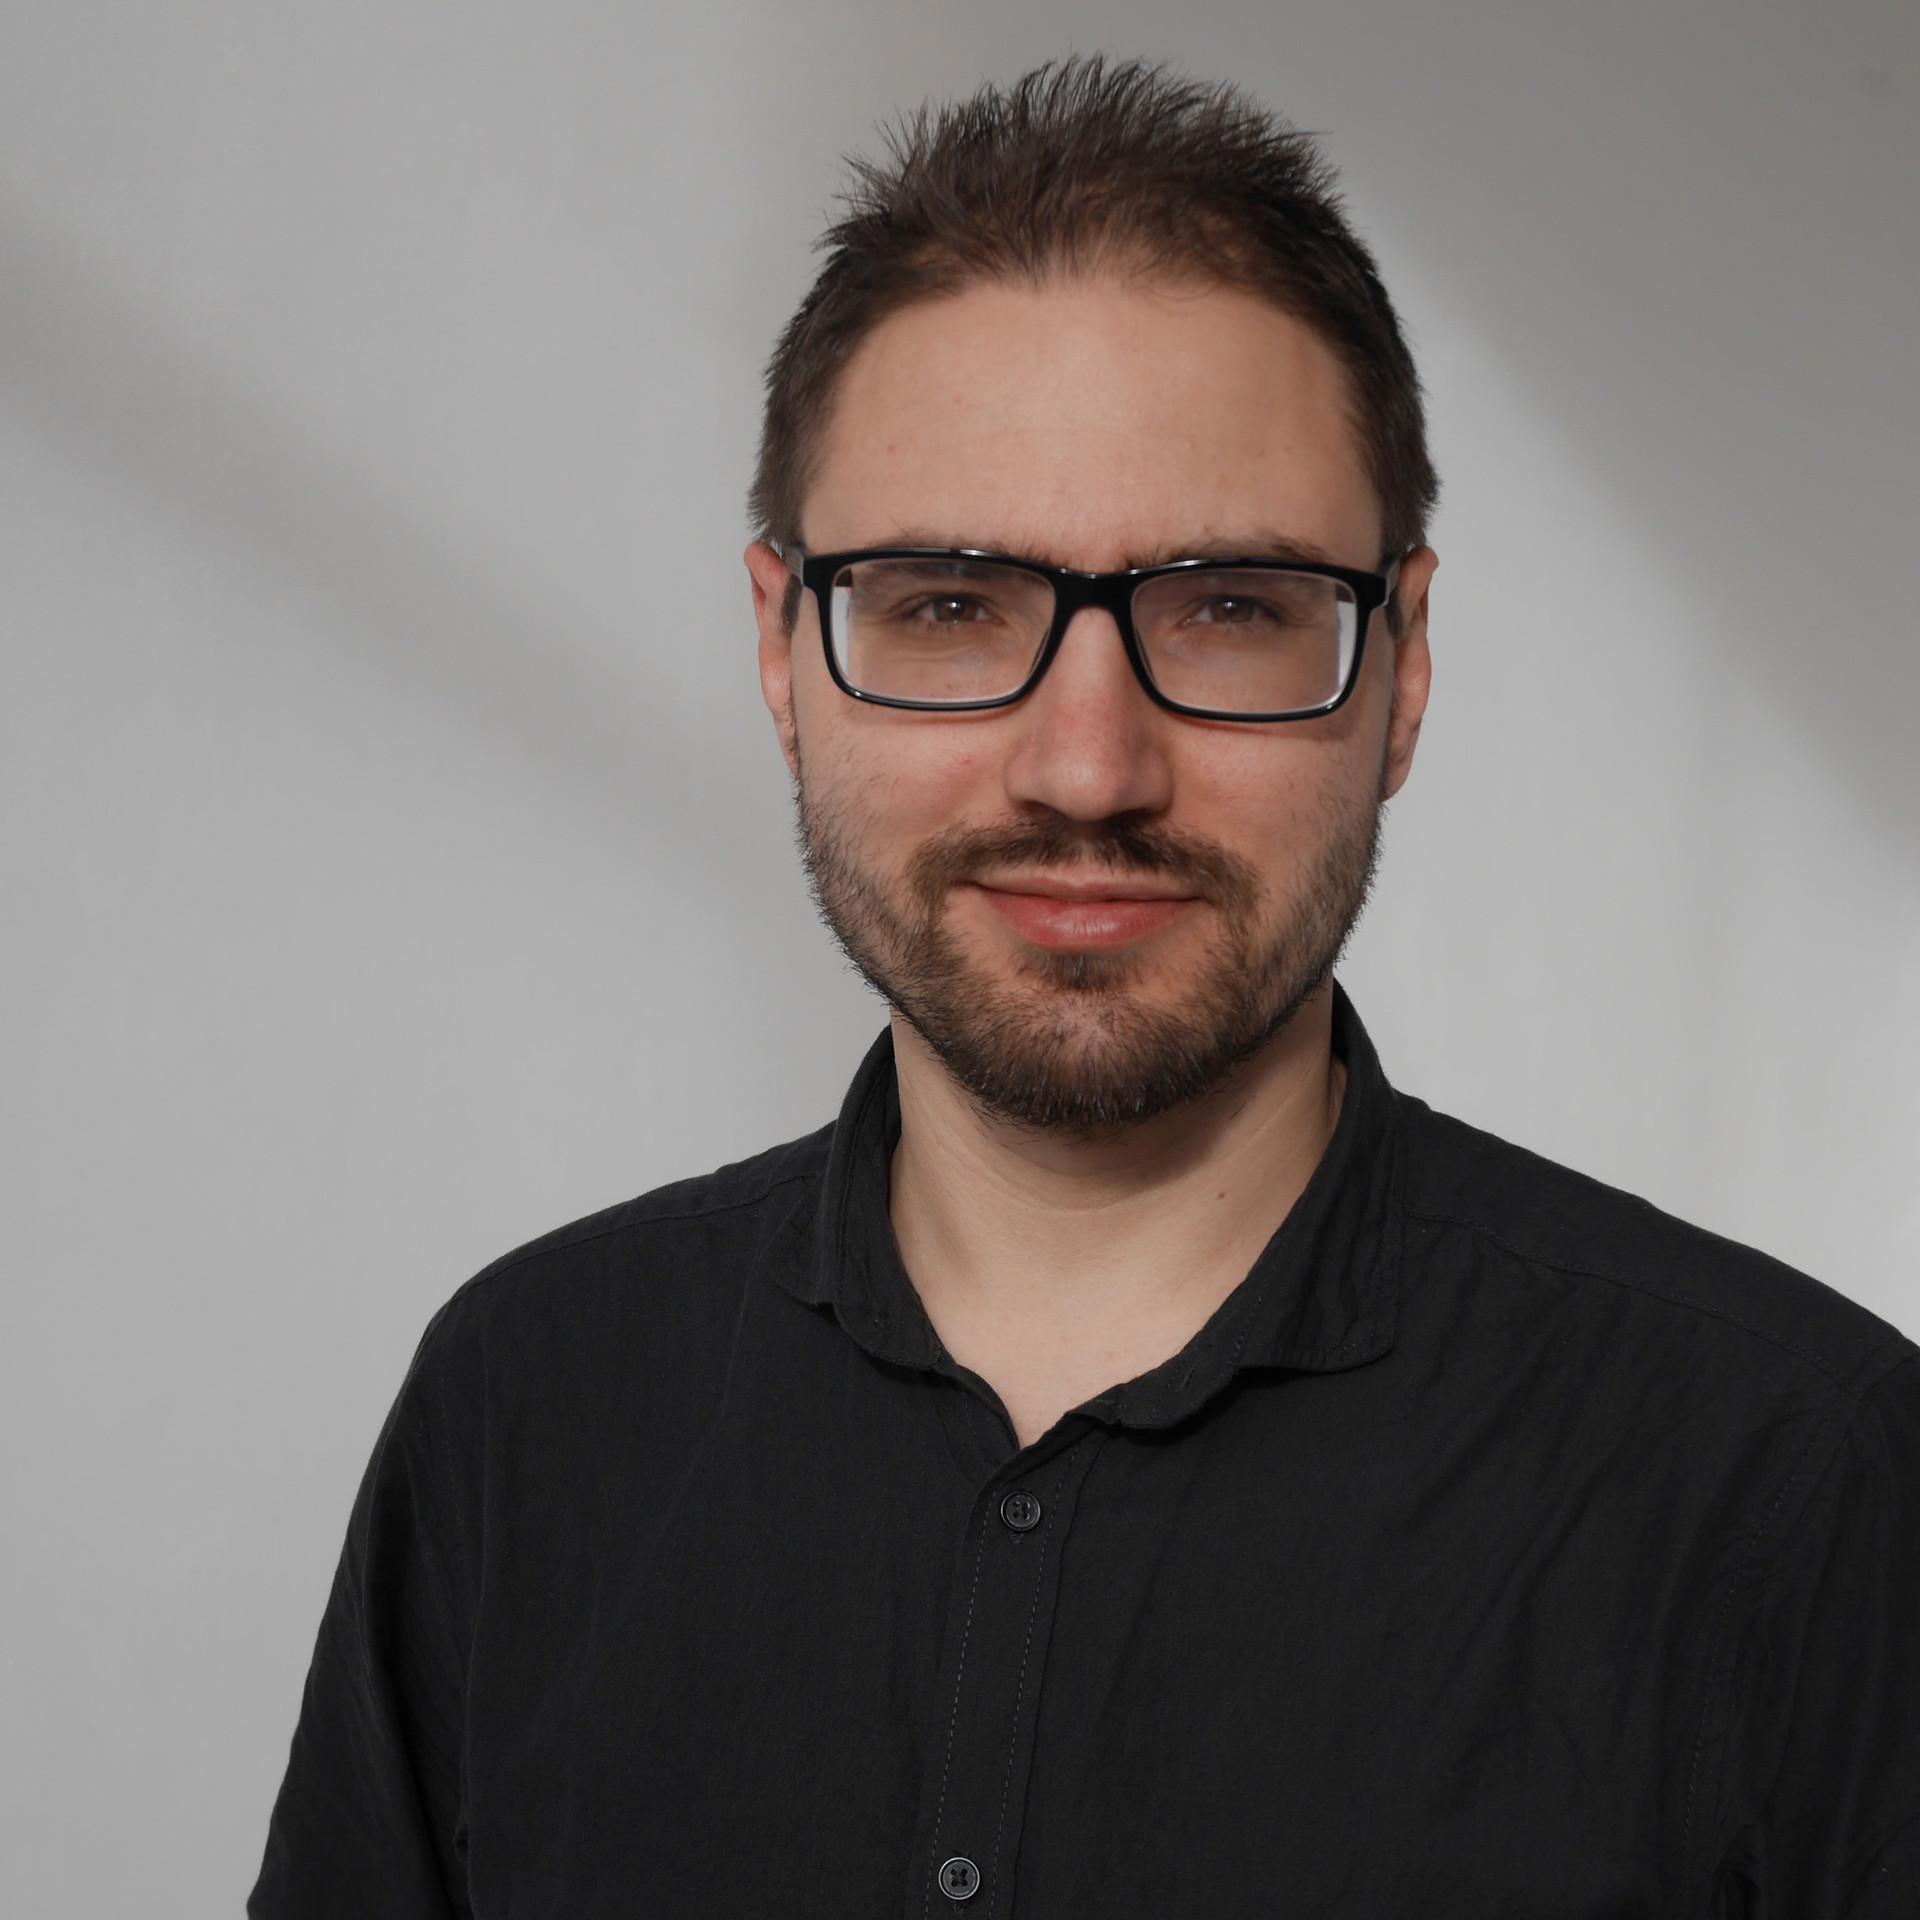 Юрій Лозовенко